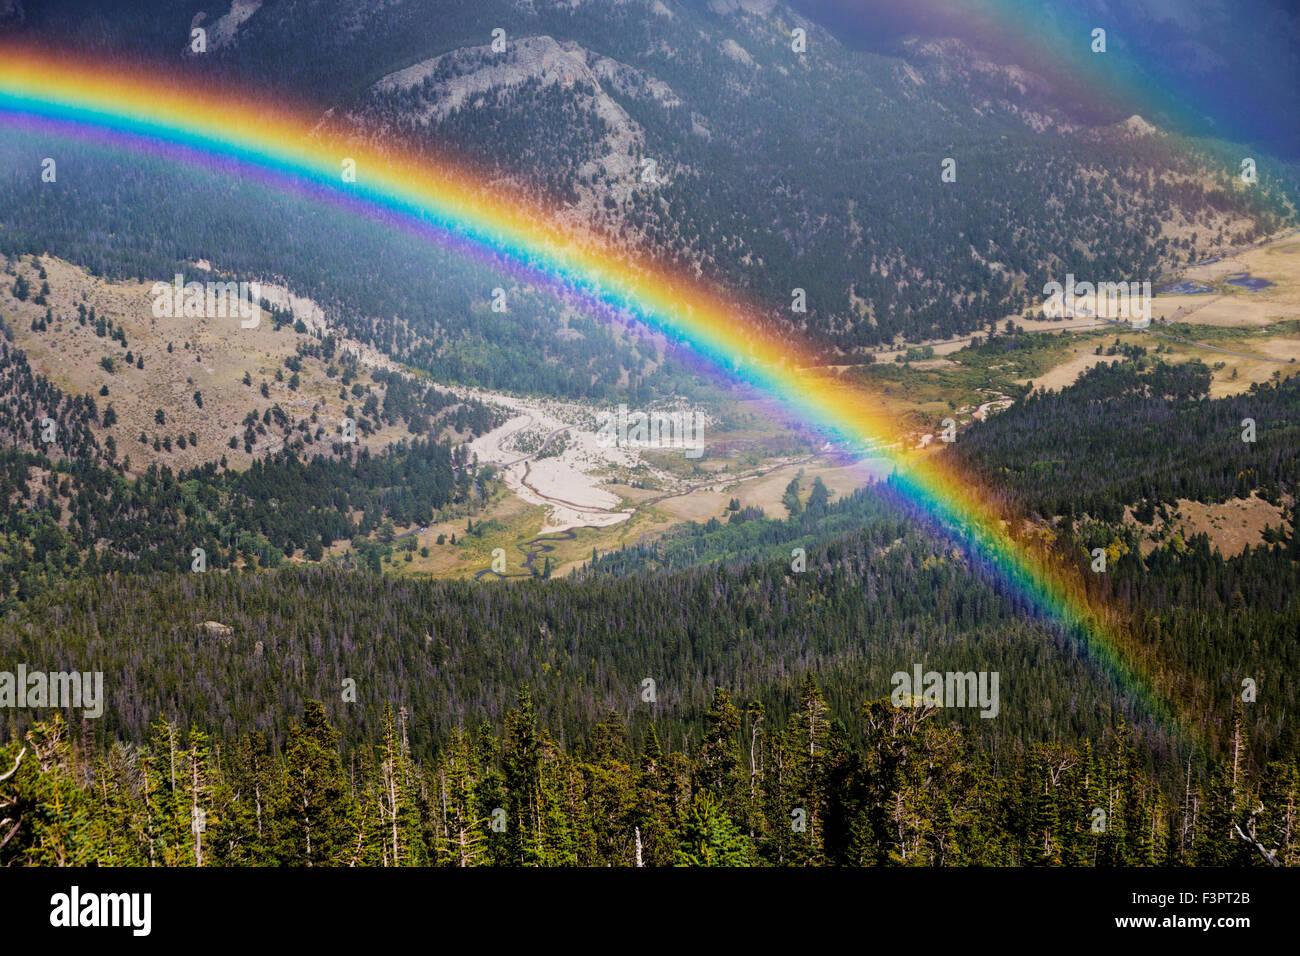 Arc-en-ciel; dynamique; complet; Courbe Arc-en-ciel; Rocky Mountain National Park, Colorado, USA Banque D'Images